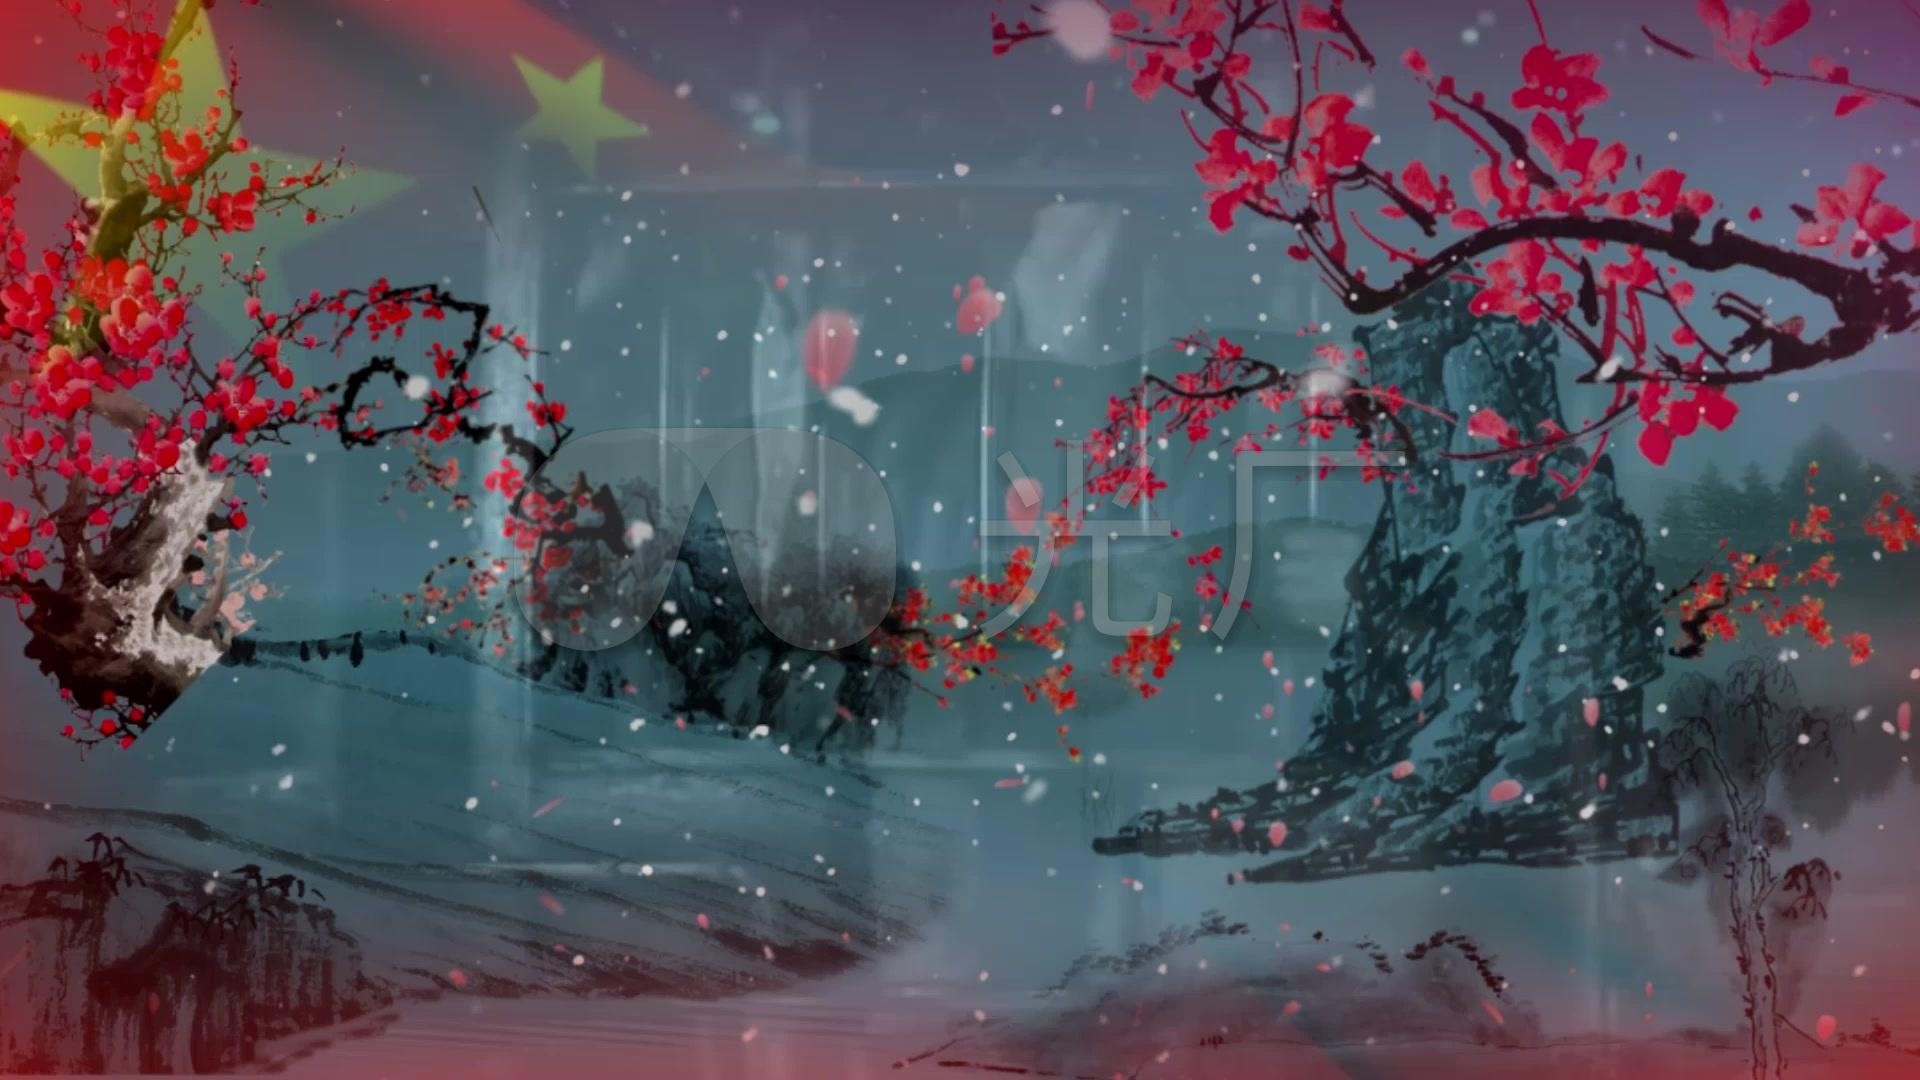 红梅赞绣红旗v视频_1920X1080_视频高清素材视频左右库倒图片